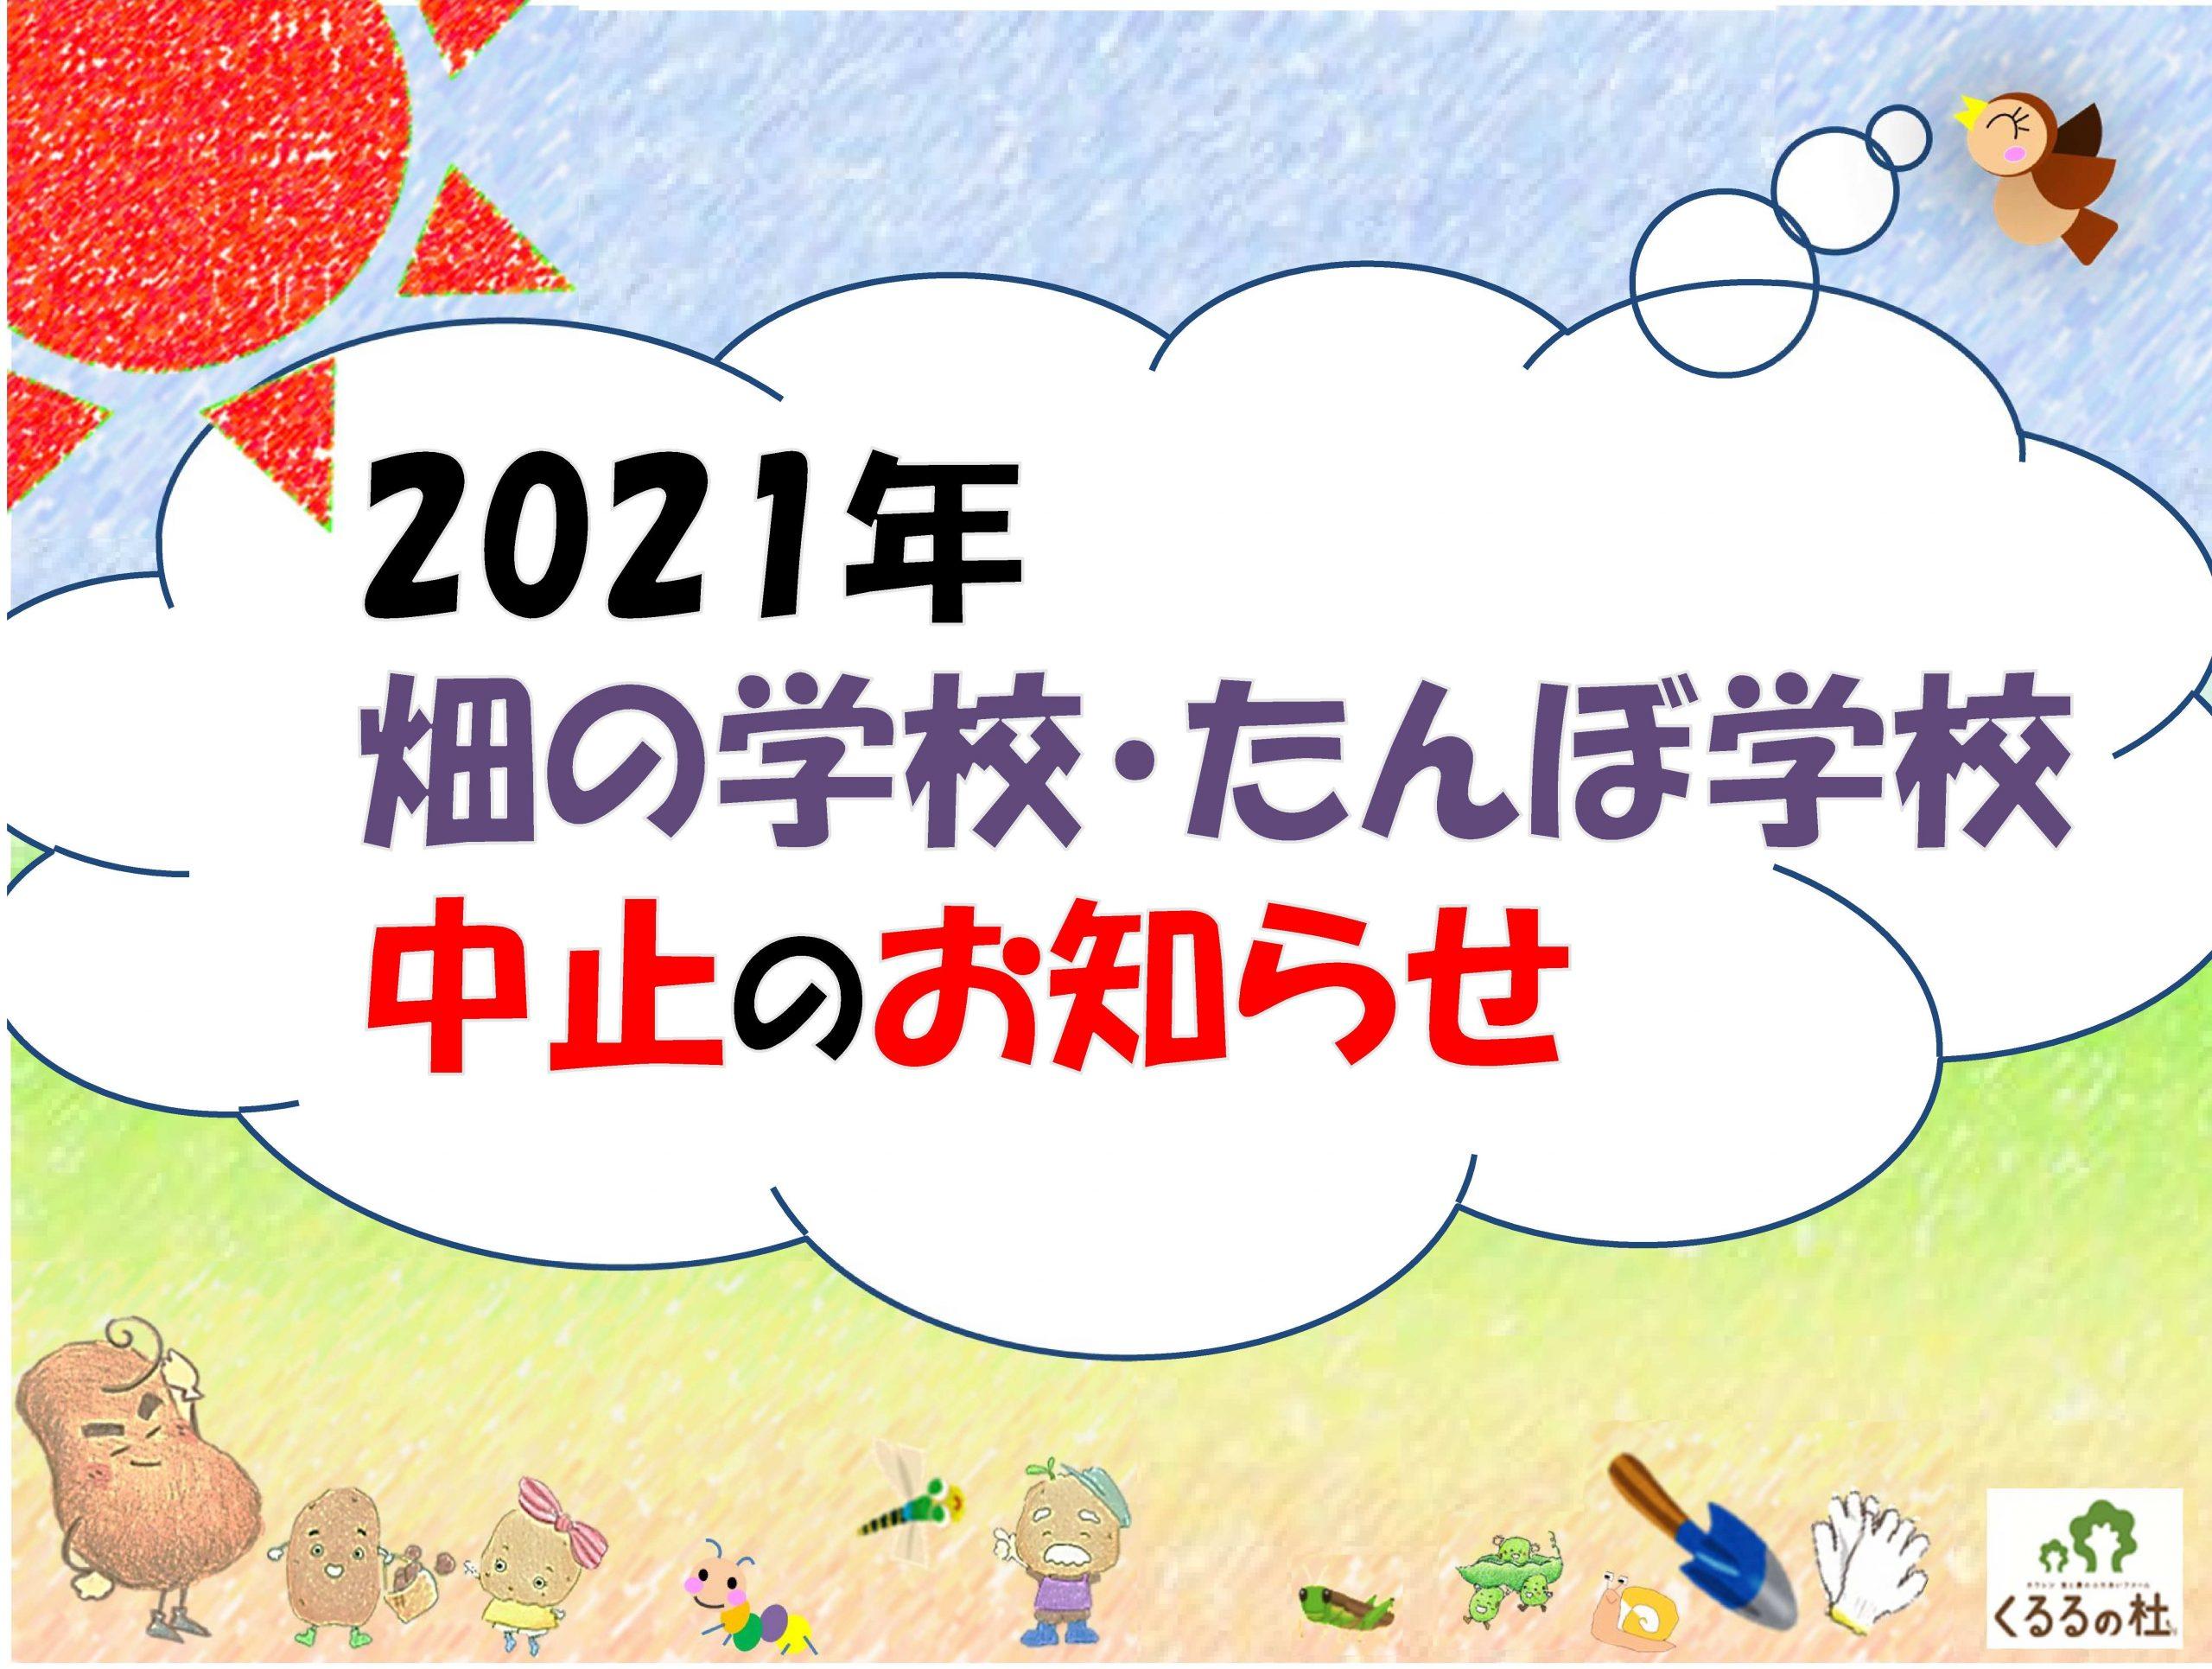 2021年 畑の学校・たんぼの学校中止のお知らせ